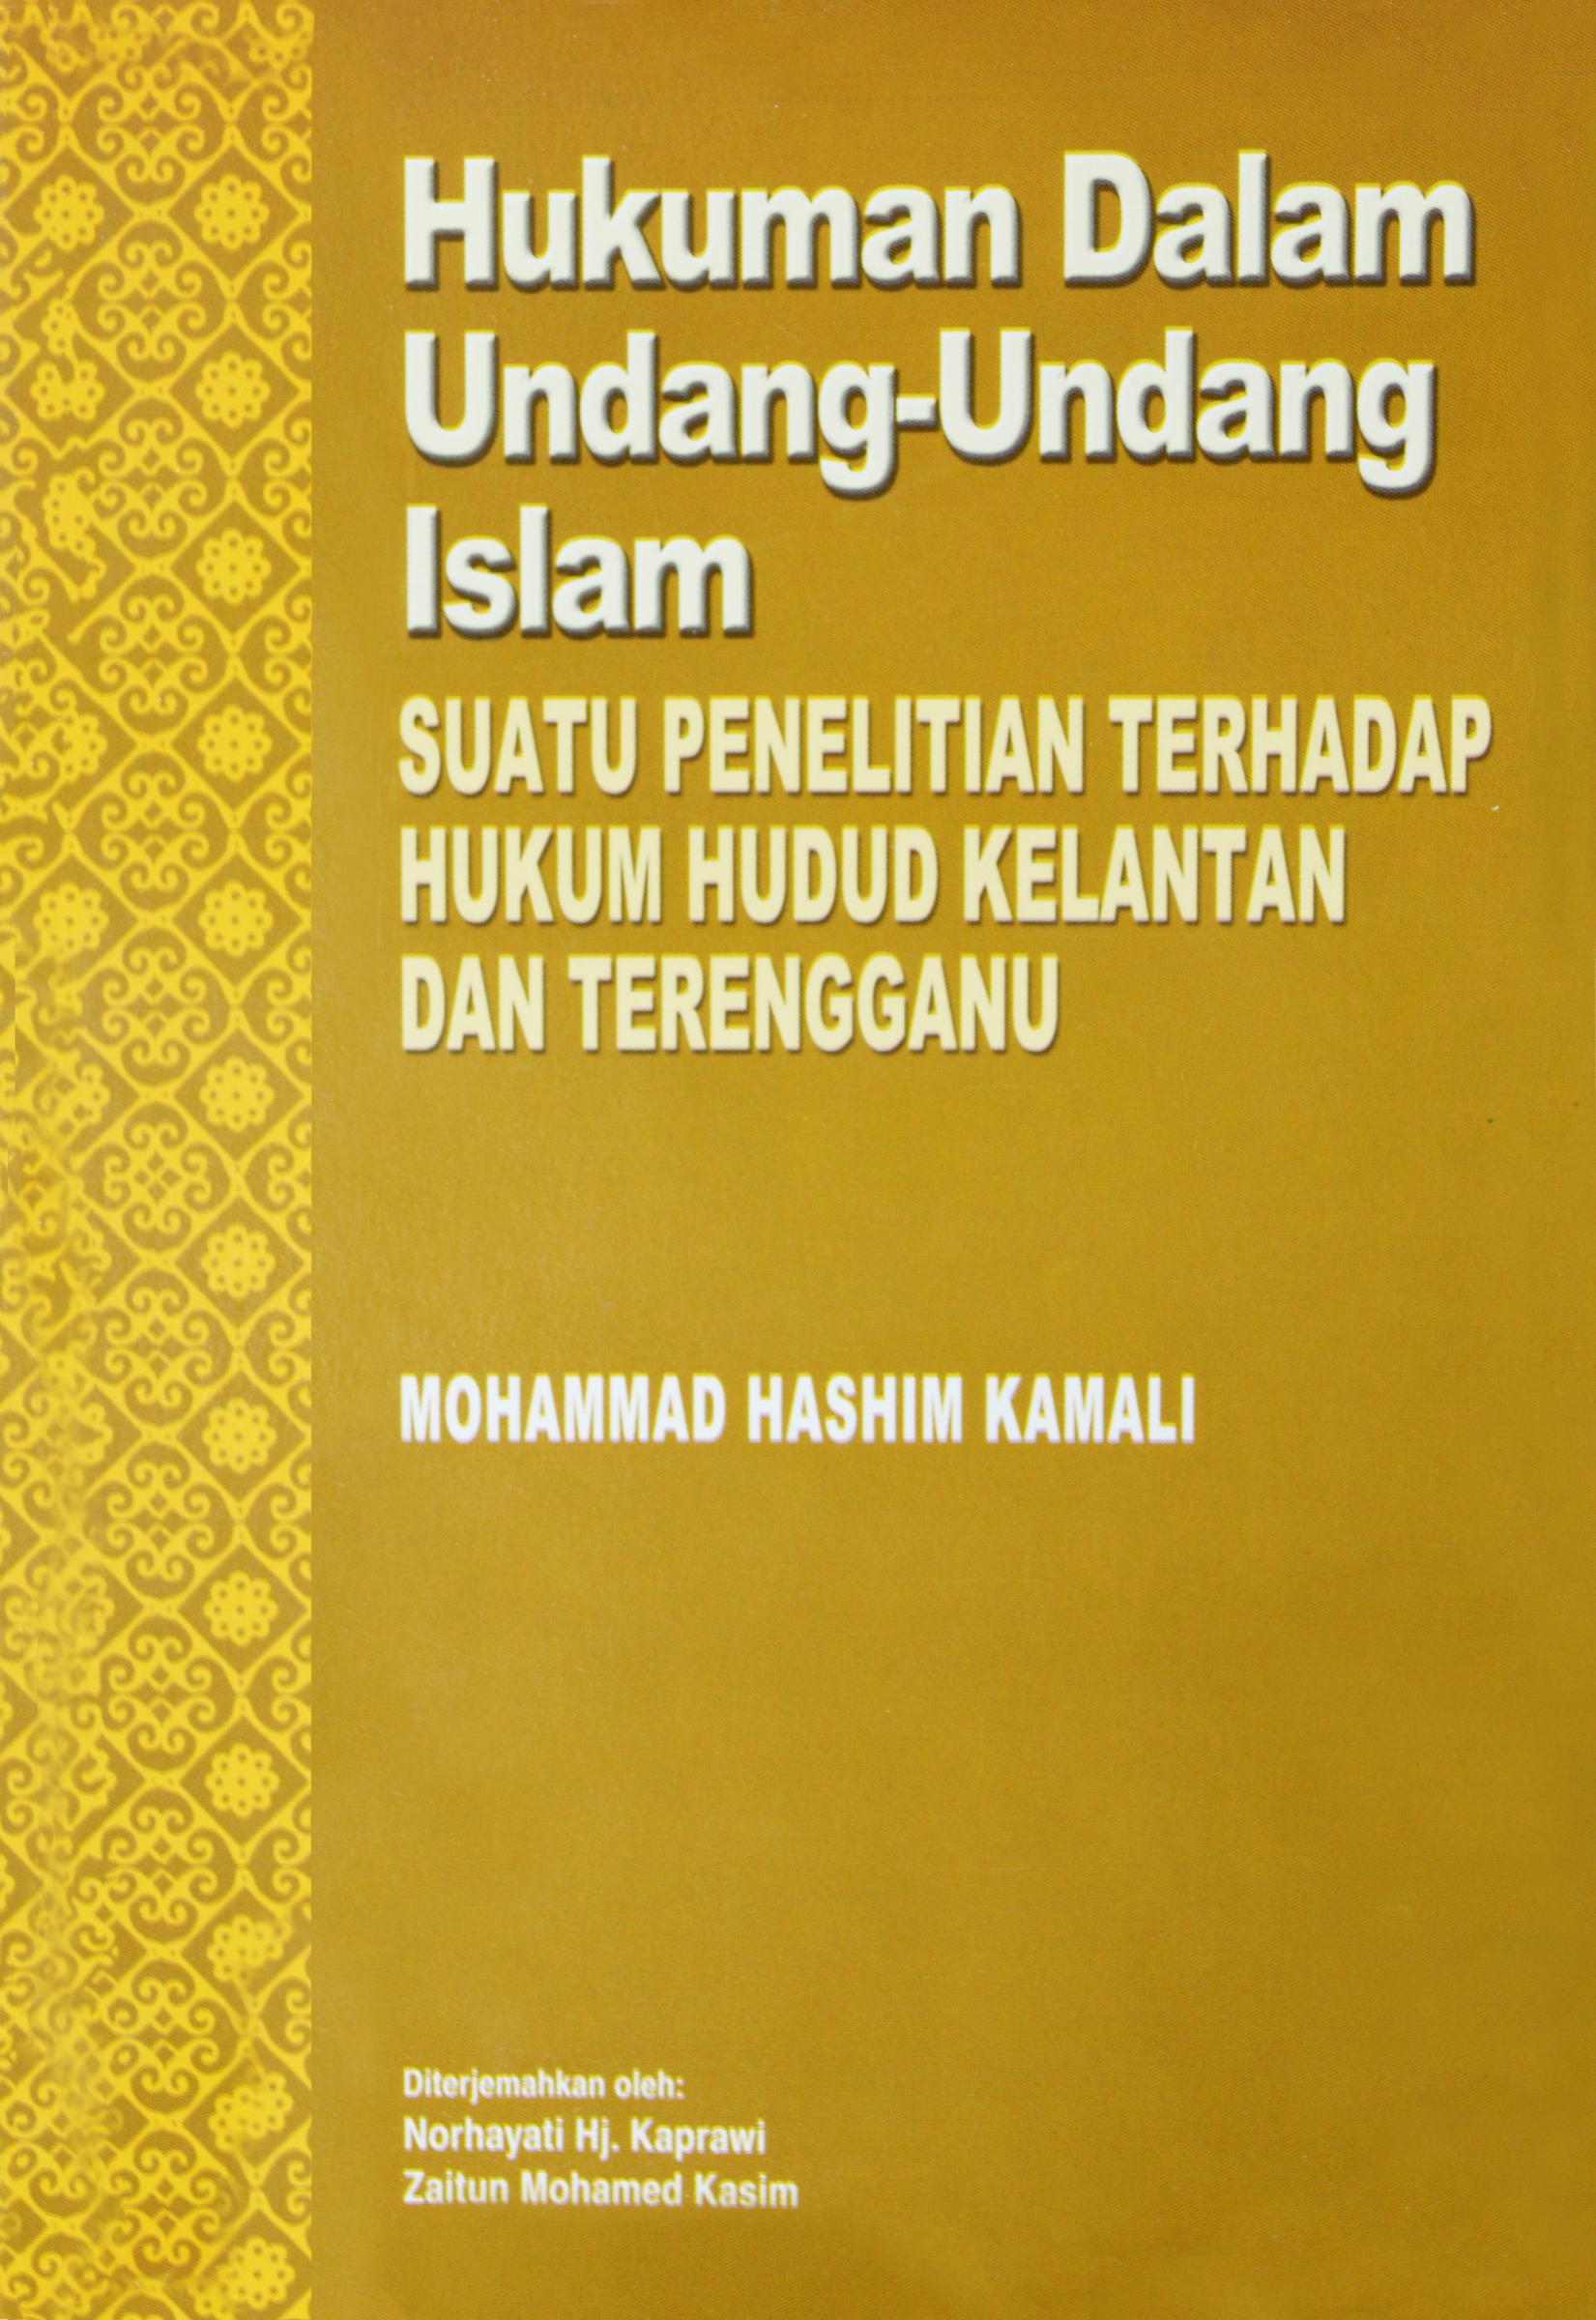 Hukuman Dalan Undang-Undang Islam.jpg